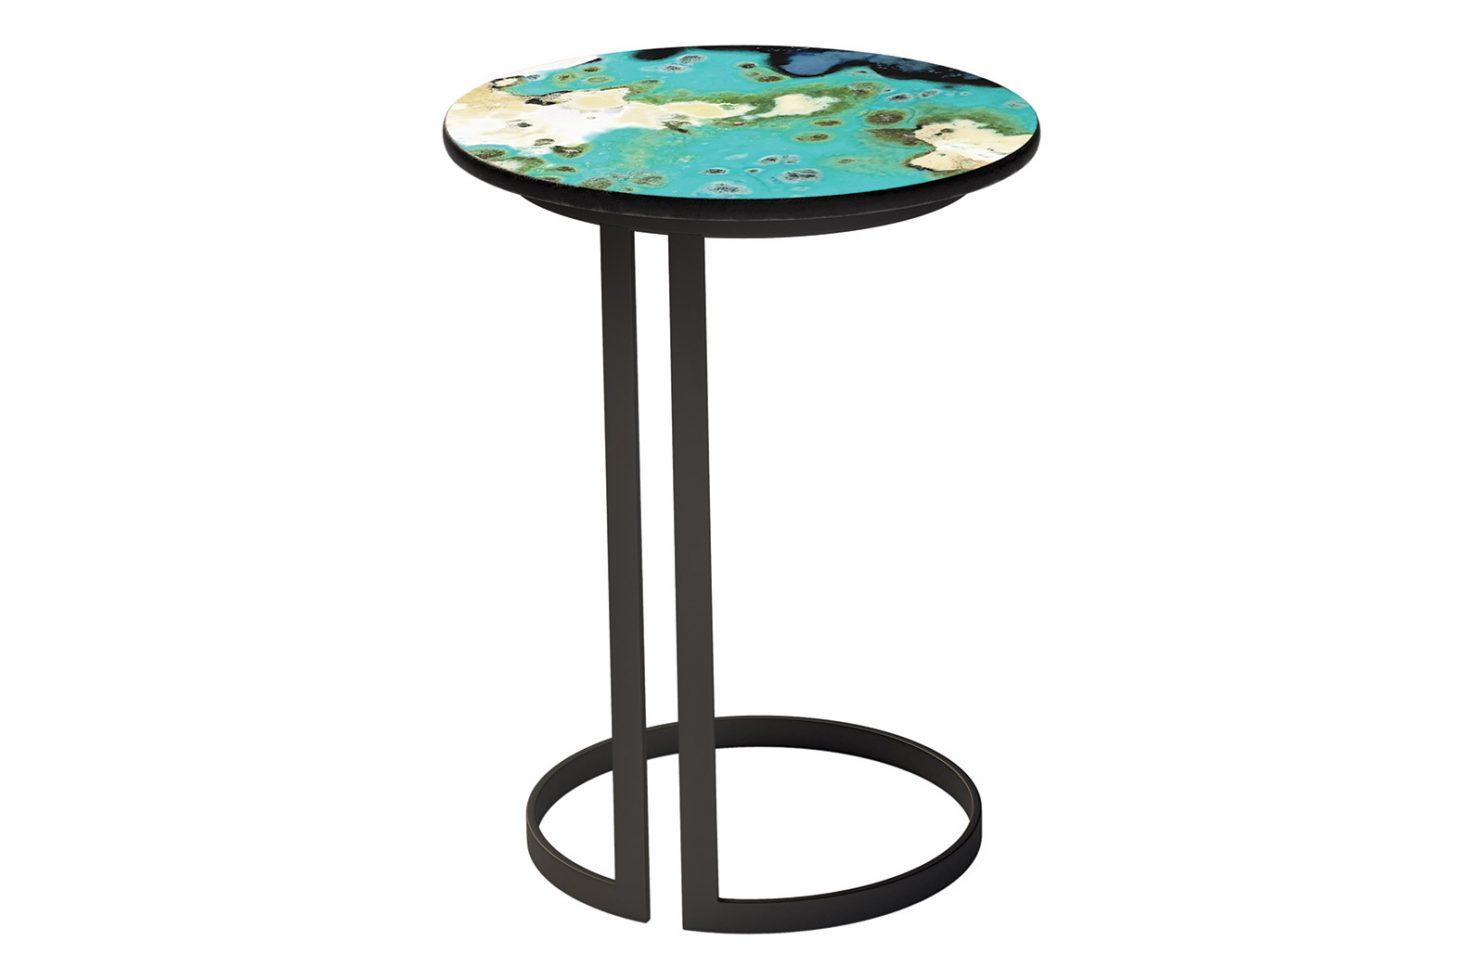 etna c table 390FT002P2OC back